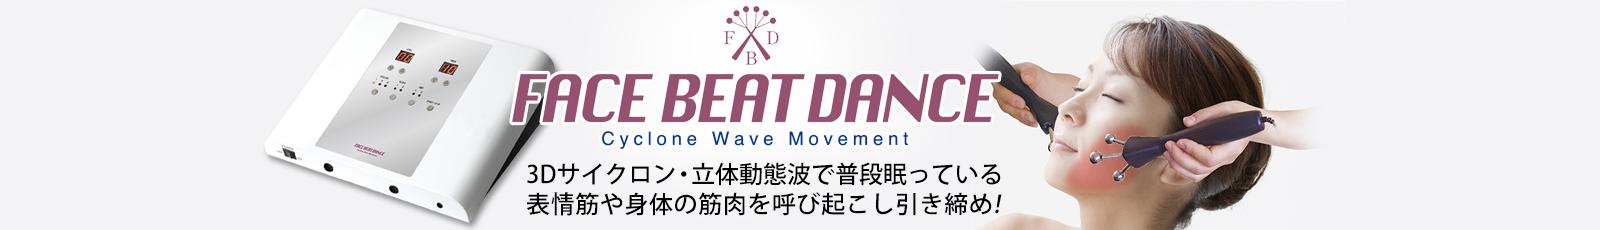 Face Beat Dance、3Dサイクロン・立体動態波で普段眠っている表情筋や身体の筋肉を呼び起こし引き締め